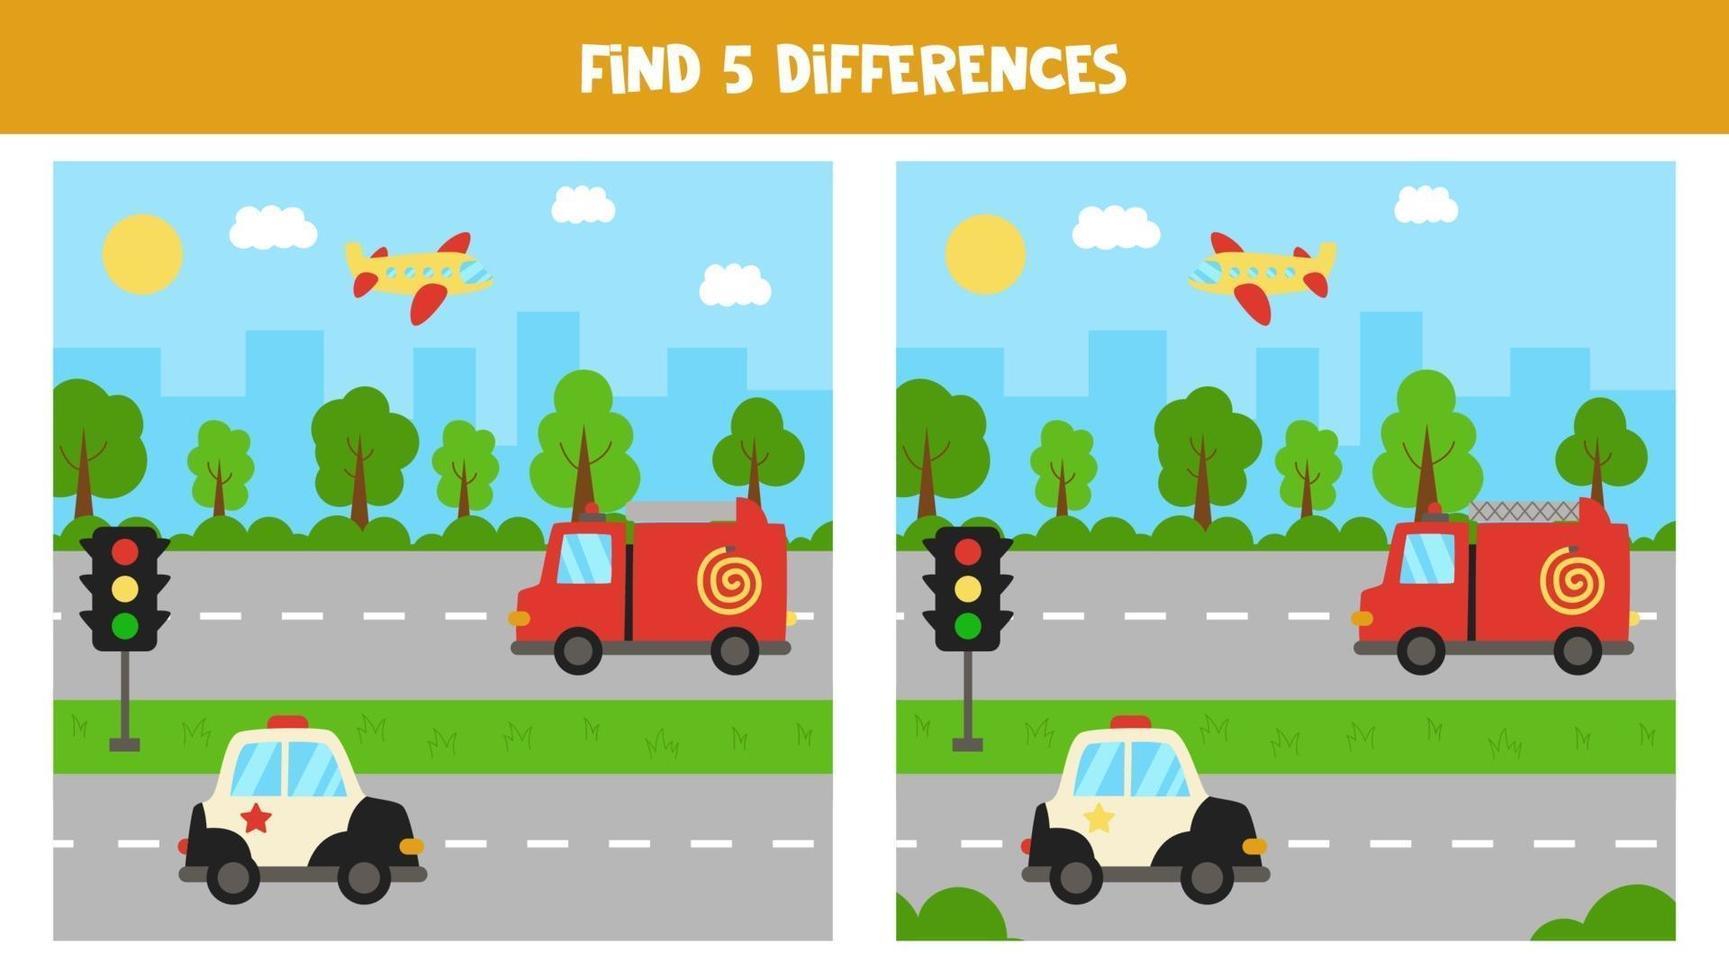 vind 5 verschillen tussen afbeeldingen. vervoermiddelen. vector